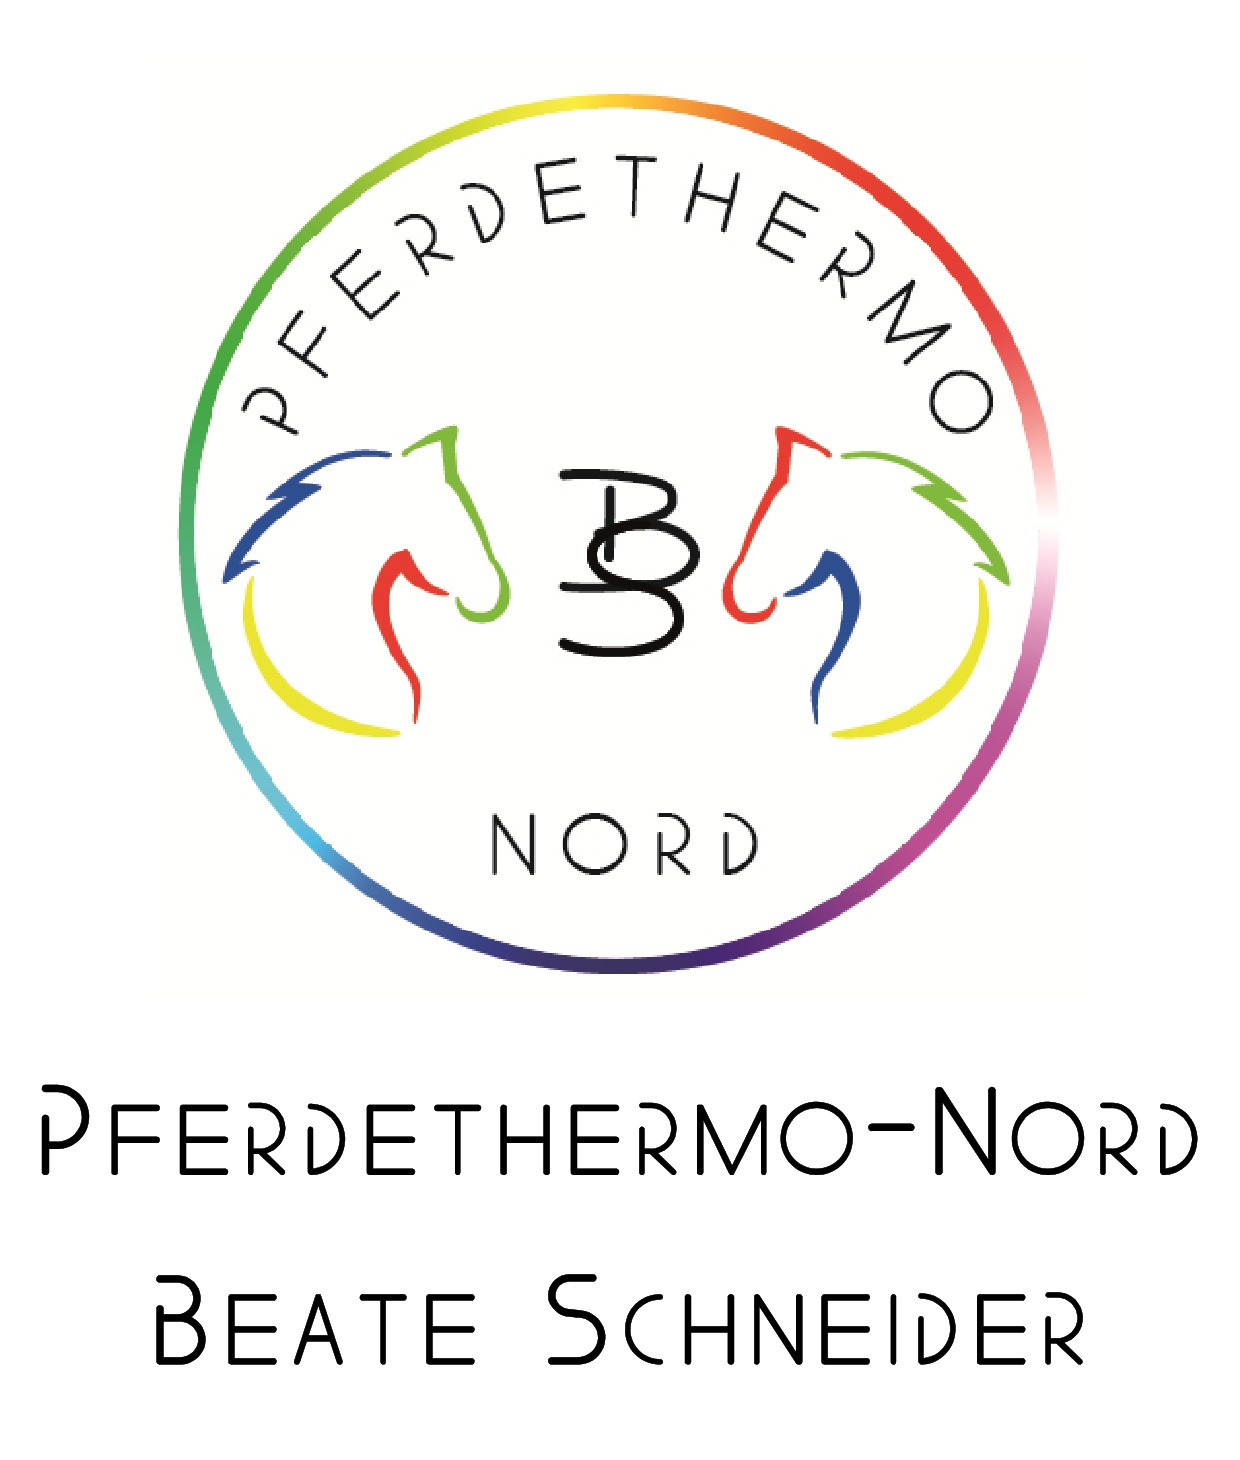 Pferdethermo-Nord Beate Schneider